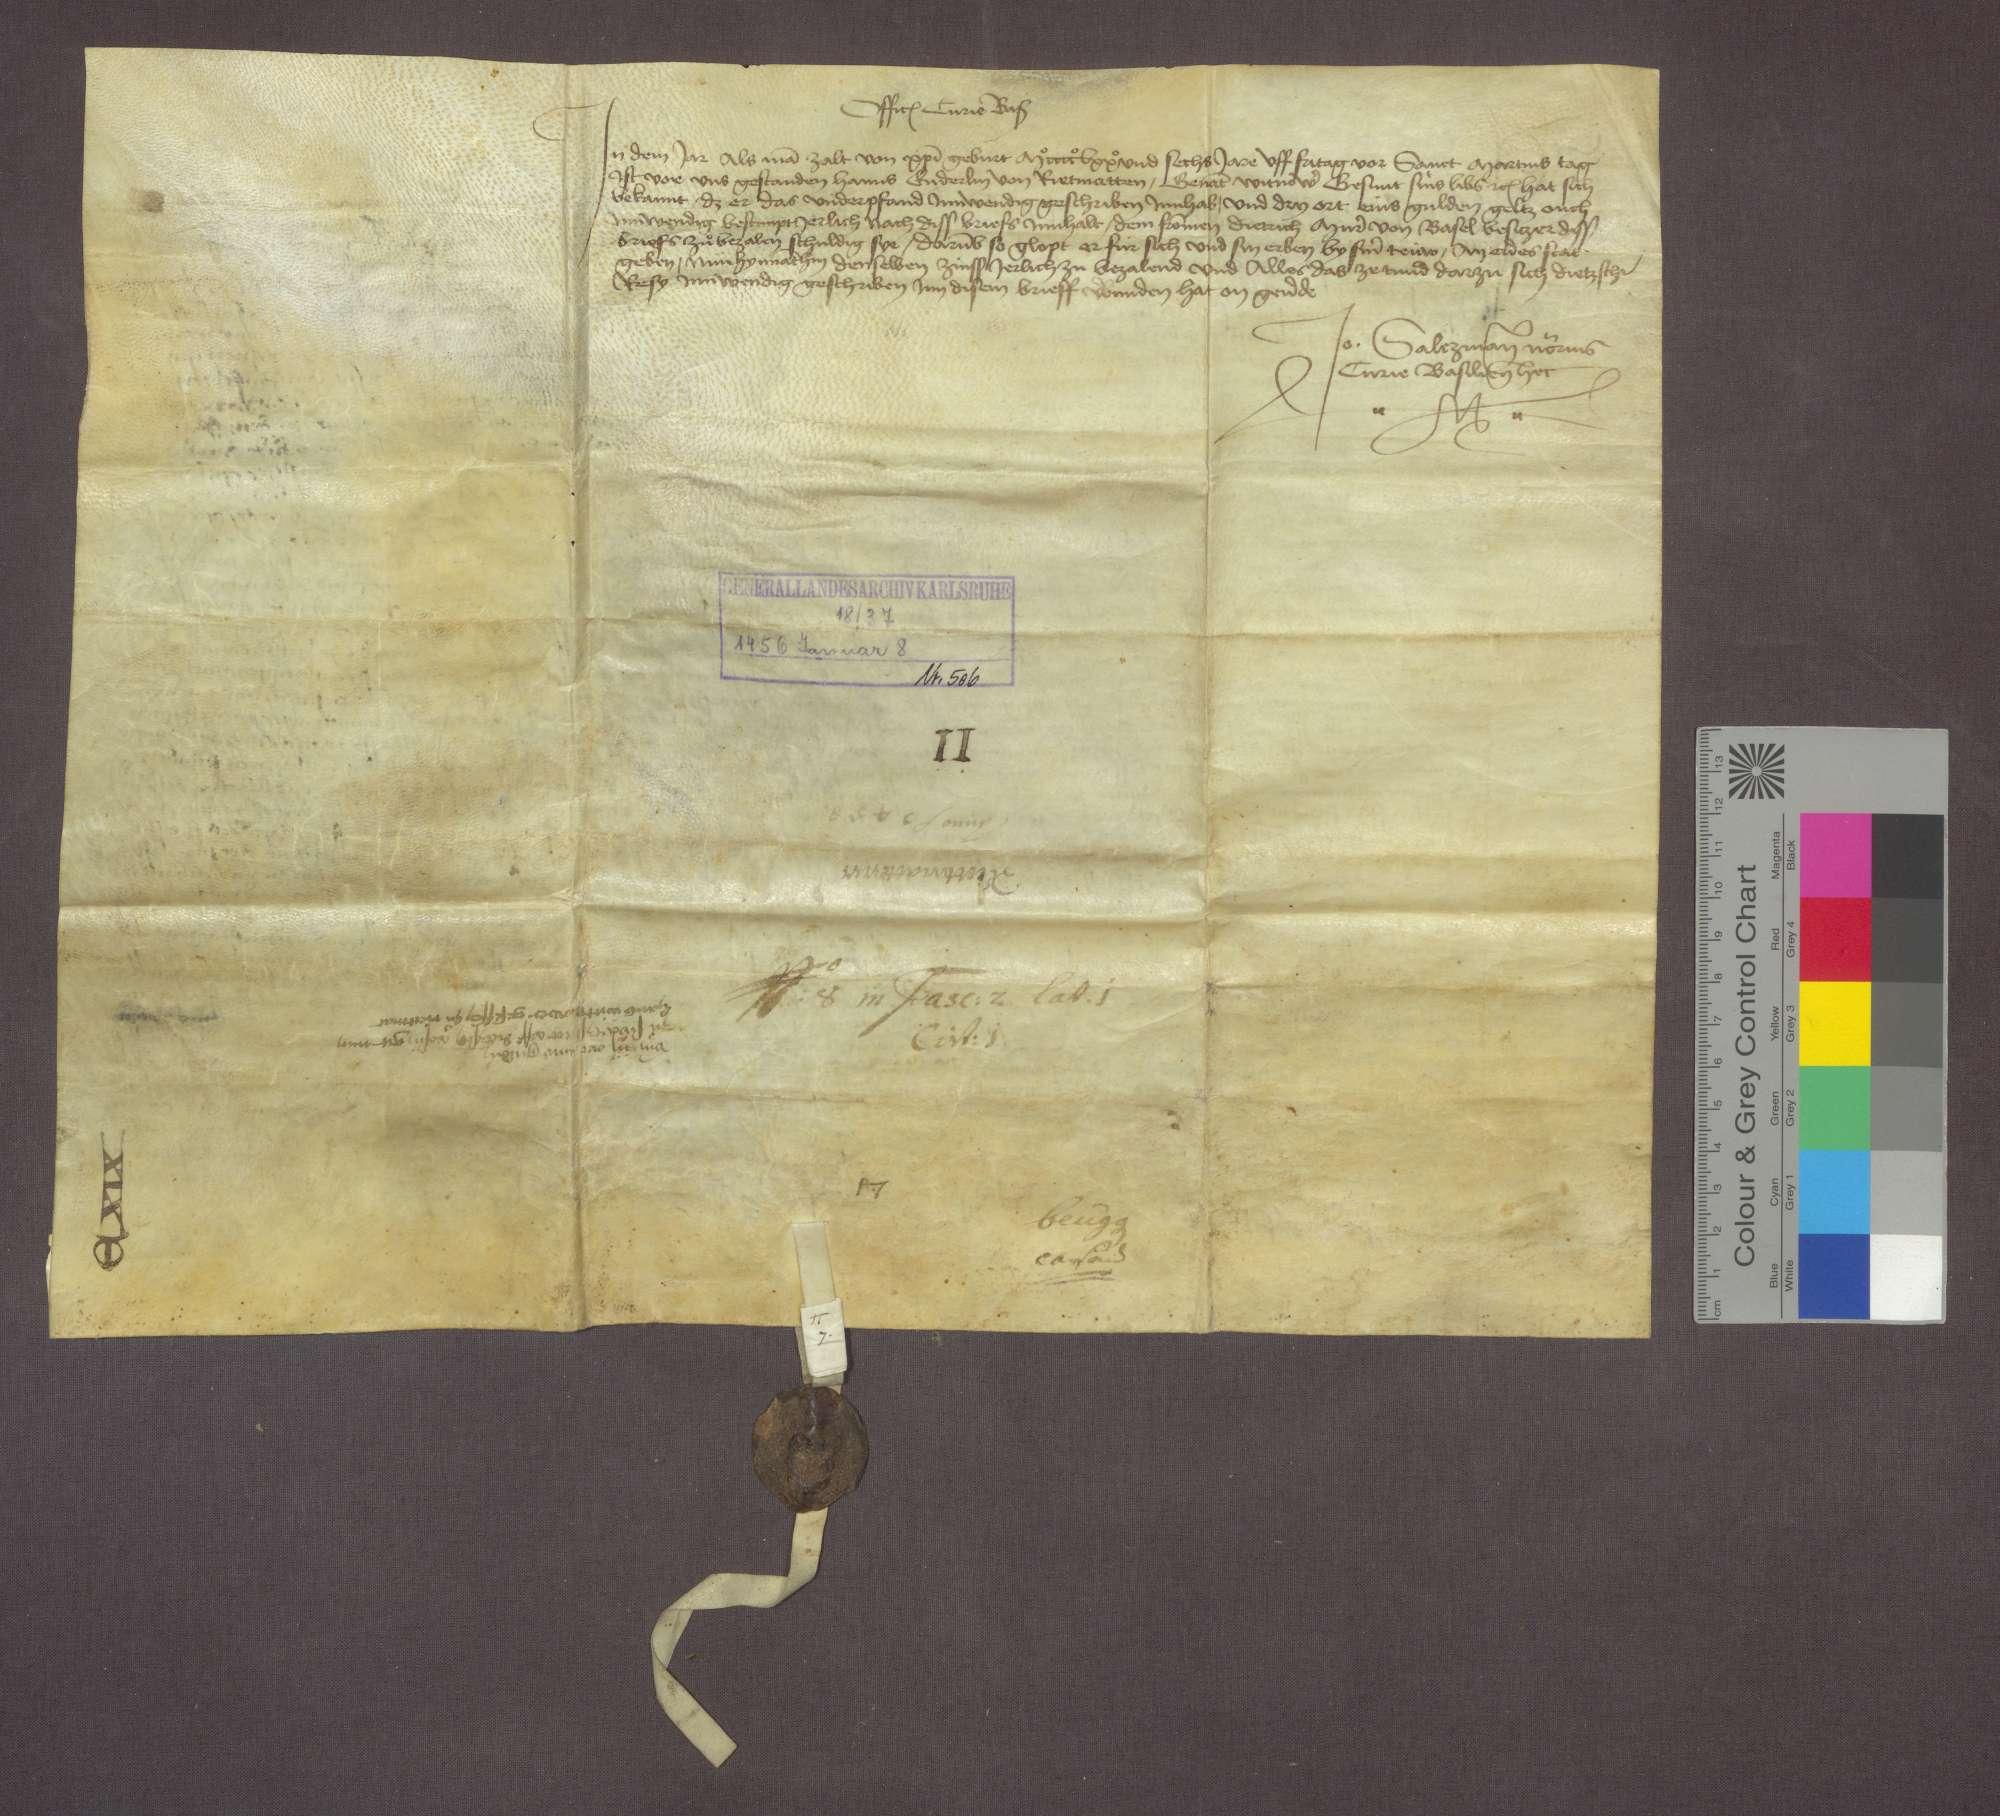 Dintzschy Resy von Schwörstadt verkauft an Heinrich Büsinger von Heidegg eine jährliche Gült von 3 Ort eines Gulden, von seiner Fischweide im Rhein zu Oberschwörstadtim zwischen der oberen Landflu und dem Fischbach um 15 Gulden., Bild 2